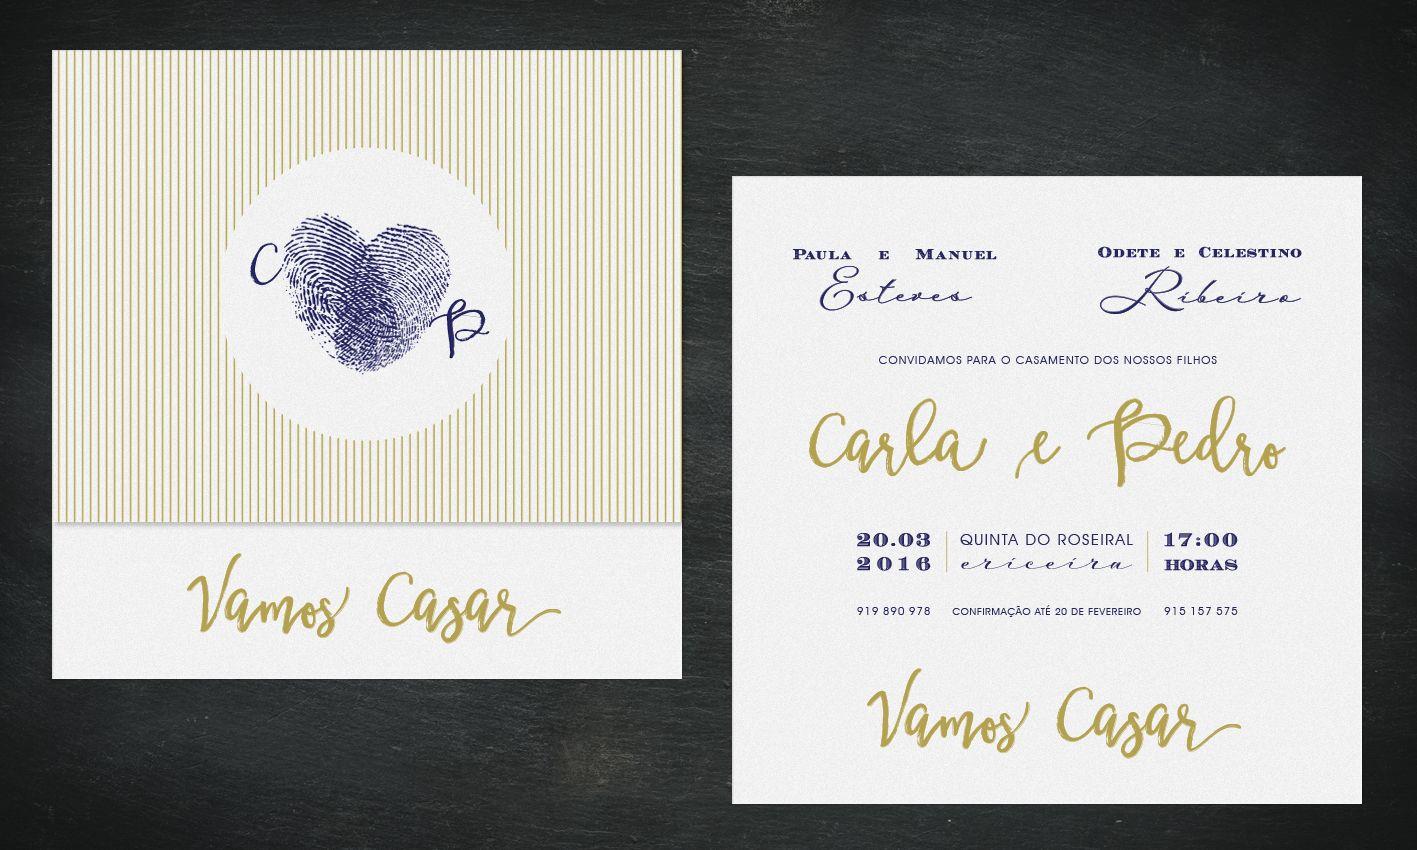 Proposta de convite de casamento.  Wedding invitation proposal.  #beapaper #convitecasamento #weddinginvitation #fingerprints #impressõesdigitais #riscas #stripes